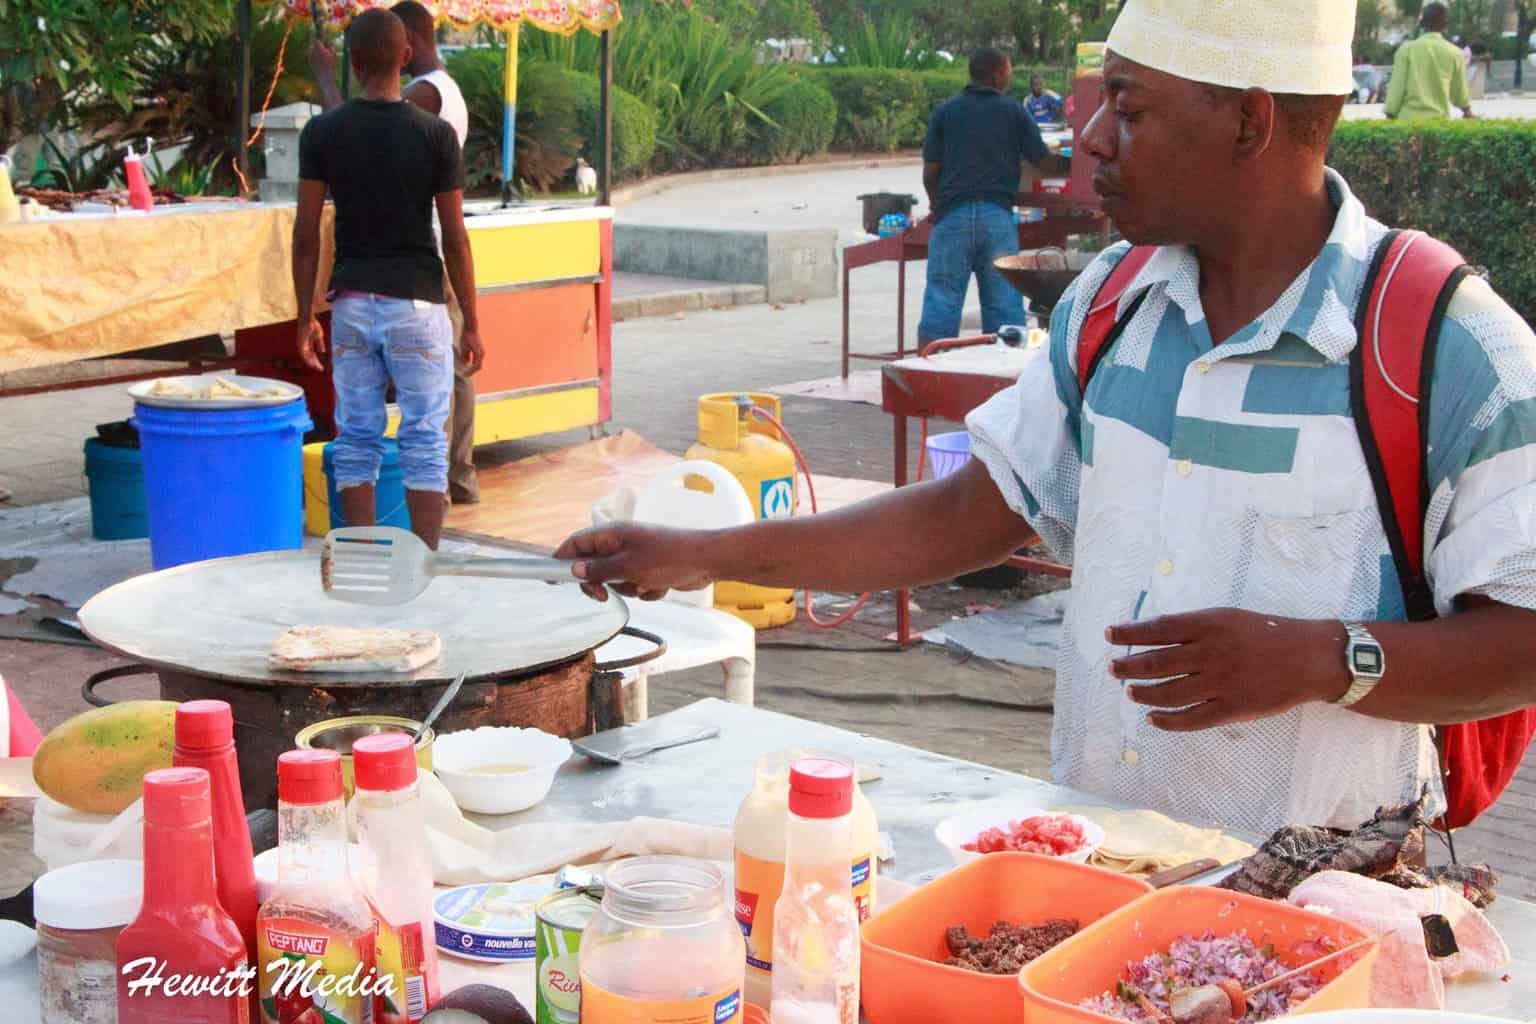 Watching Zanzibar Pizza be made